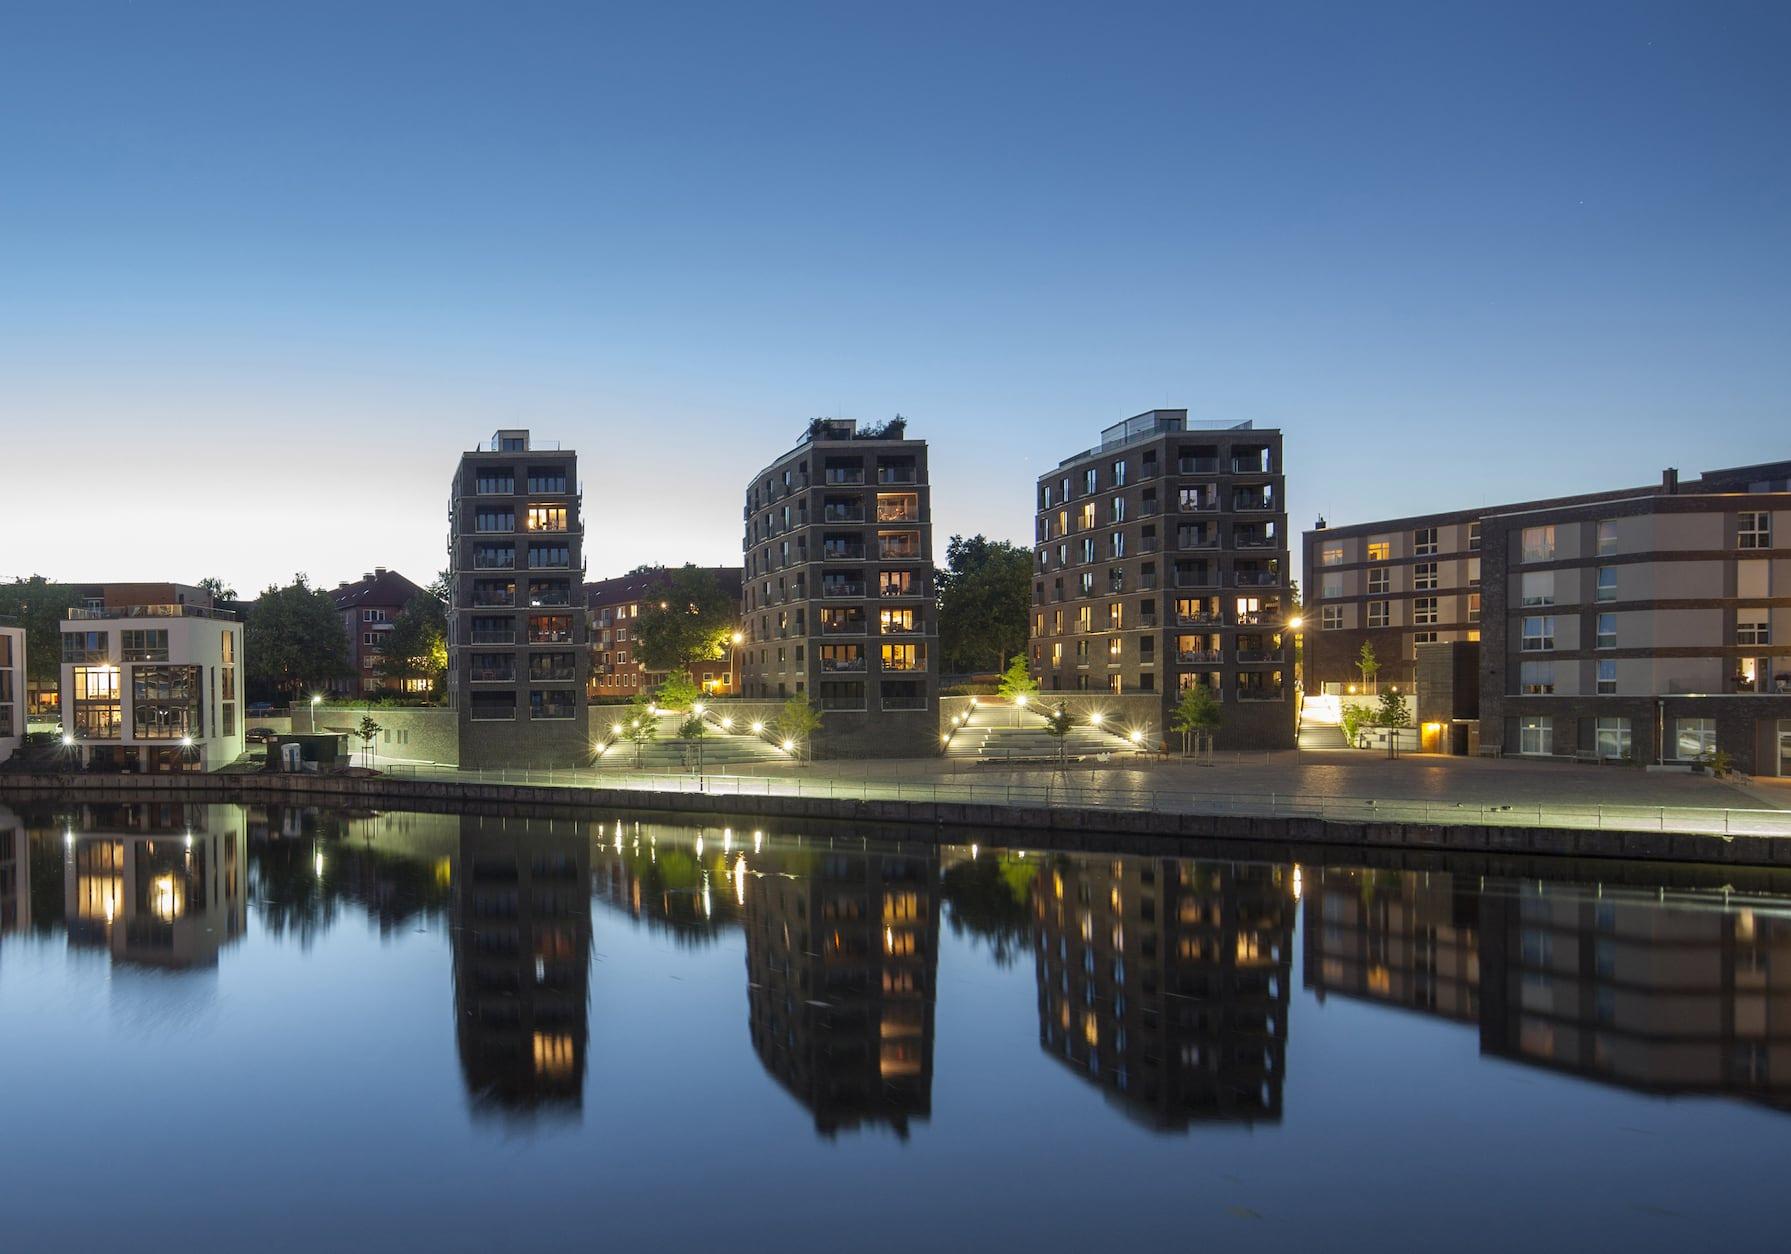 waterfront-osterbek-fj.jpg